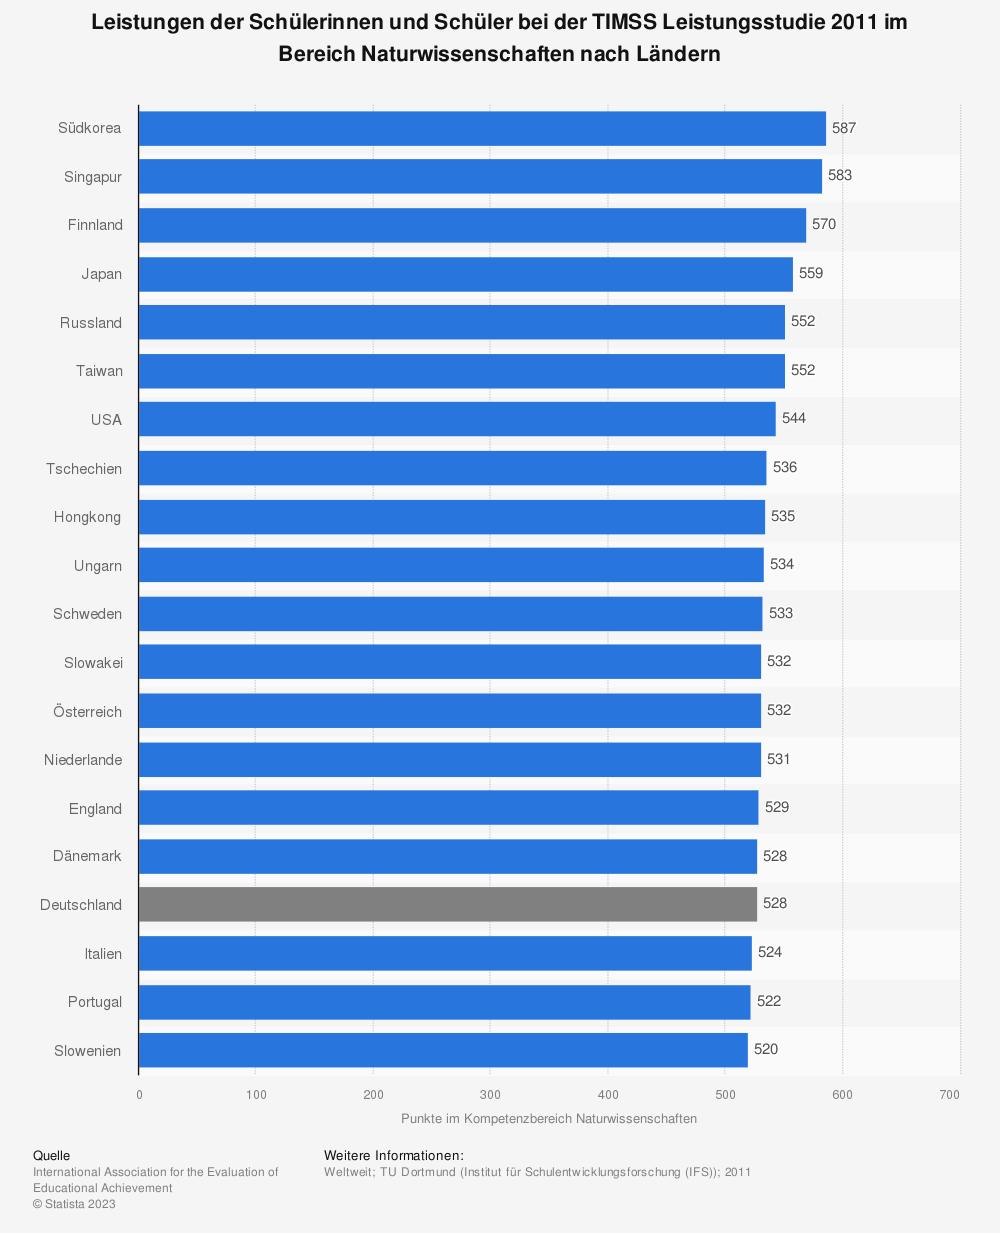 Statistik: Leistungen der Schülerinnen und Schüler bei der TIMSS Leistungsstudie 2011 im Bereich Naturwissenschaften nach Ländern | Statista